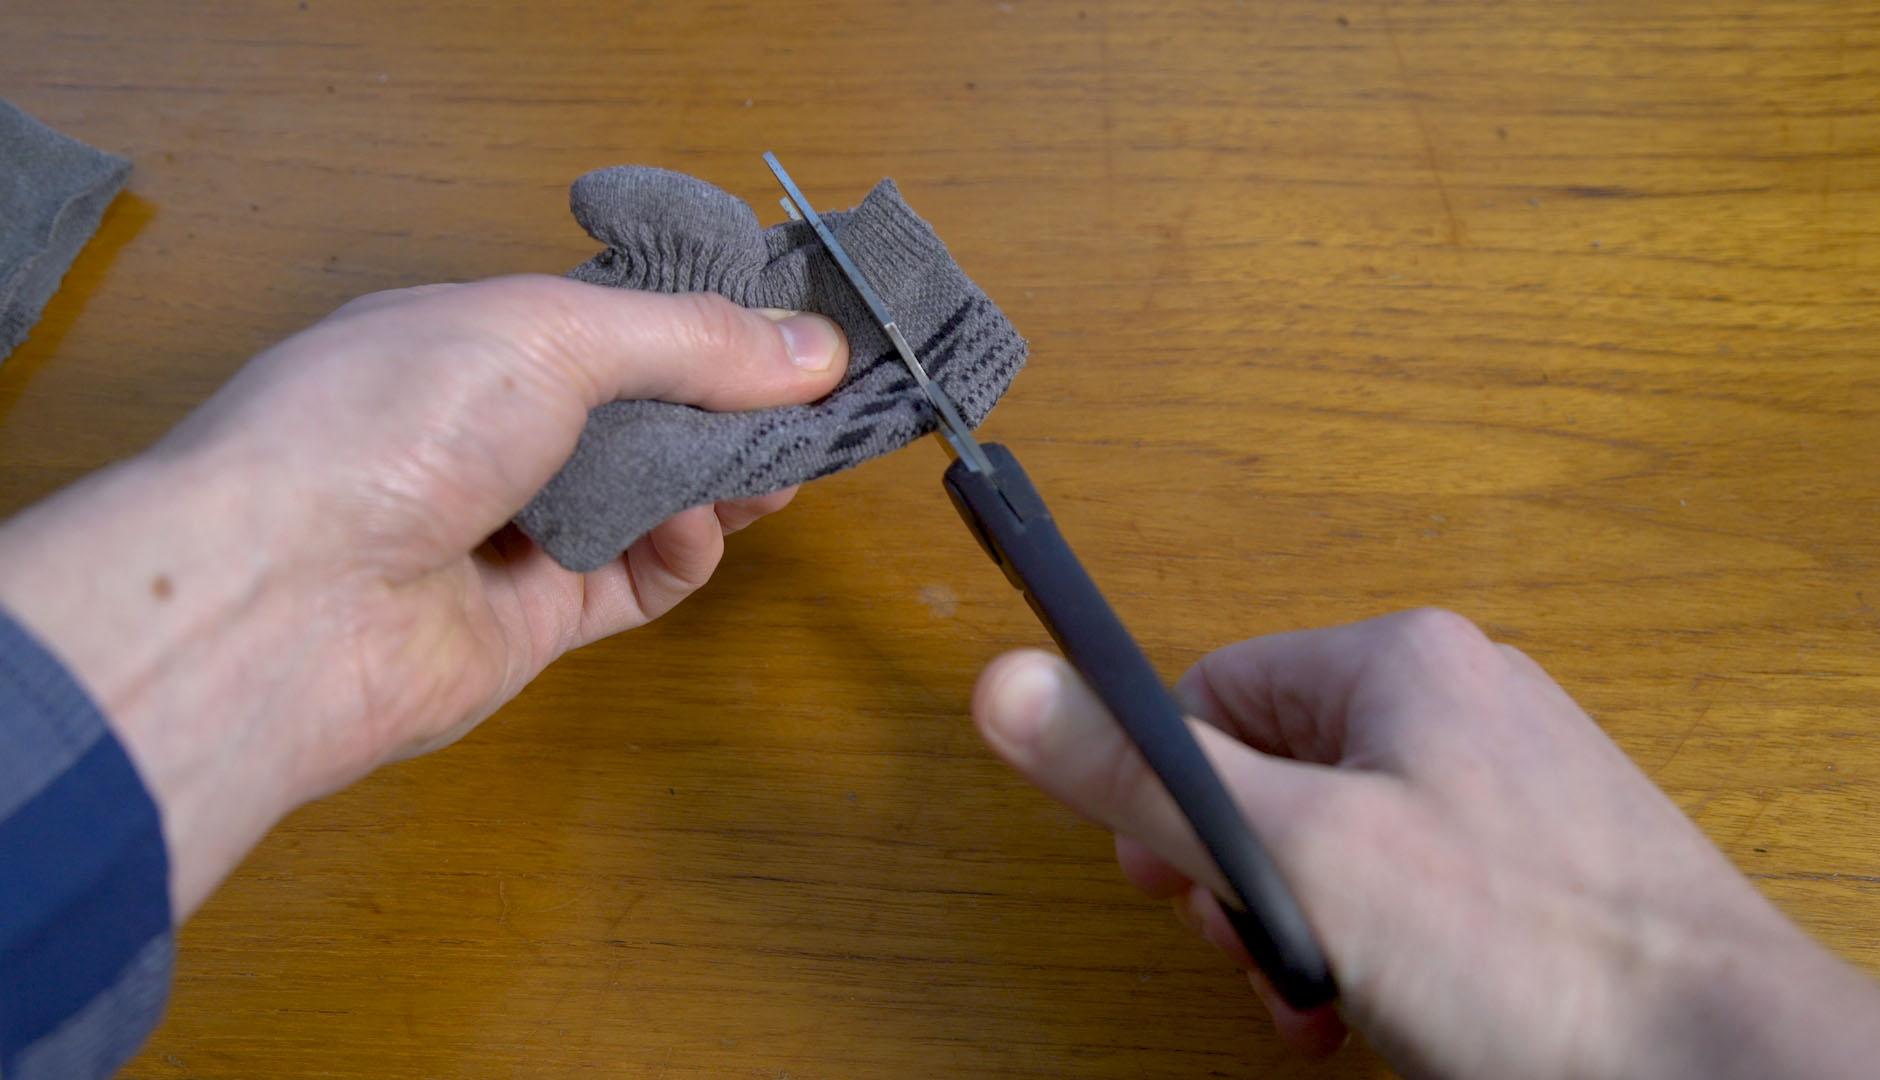 Manos usan una tijera para hacer un corte en una media